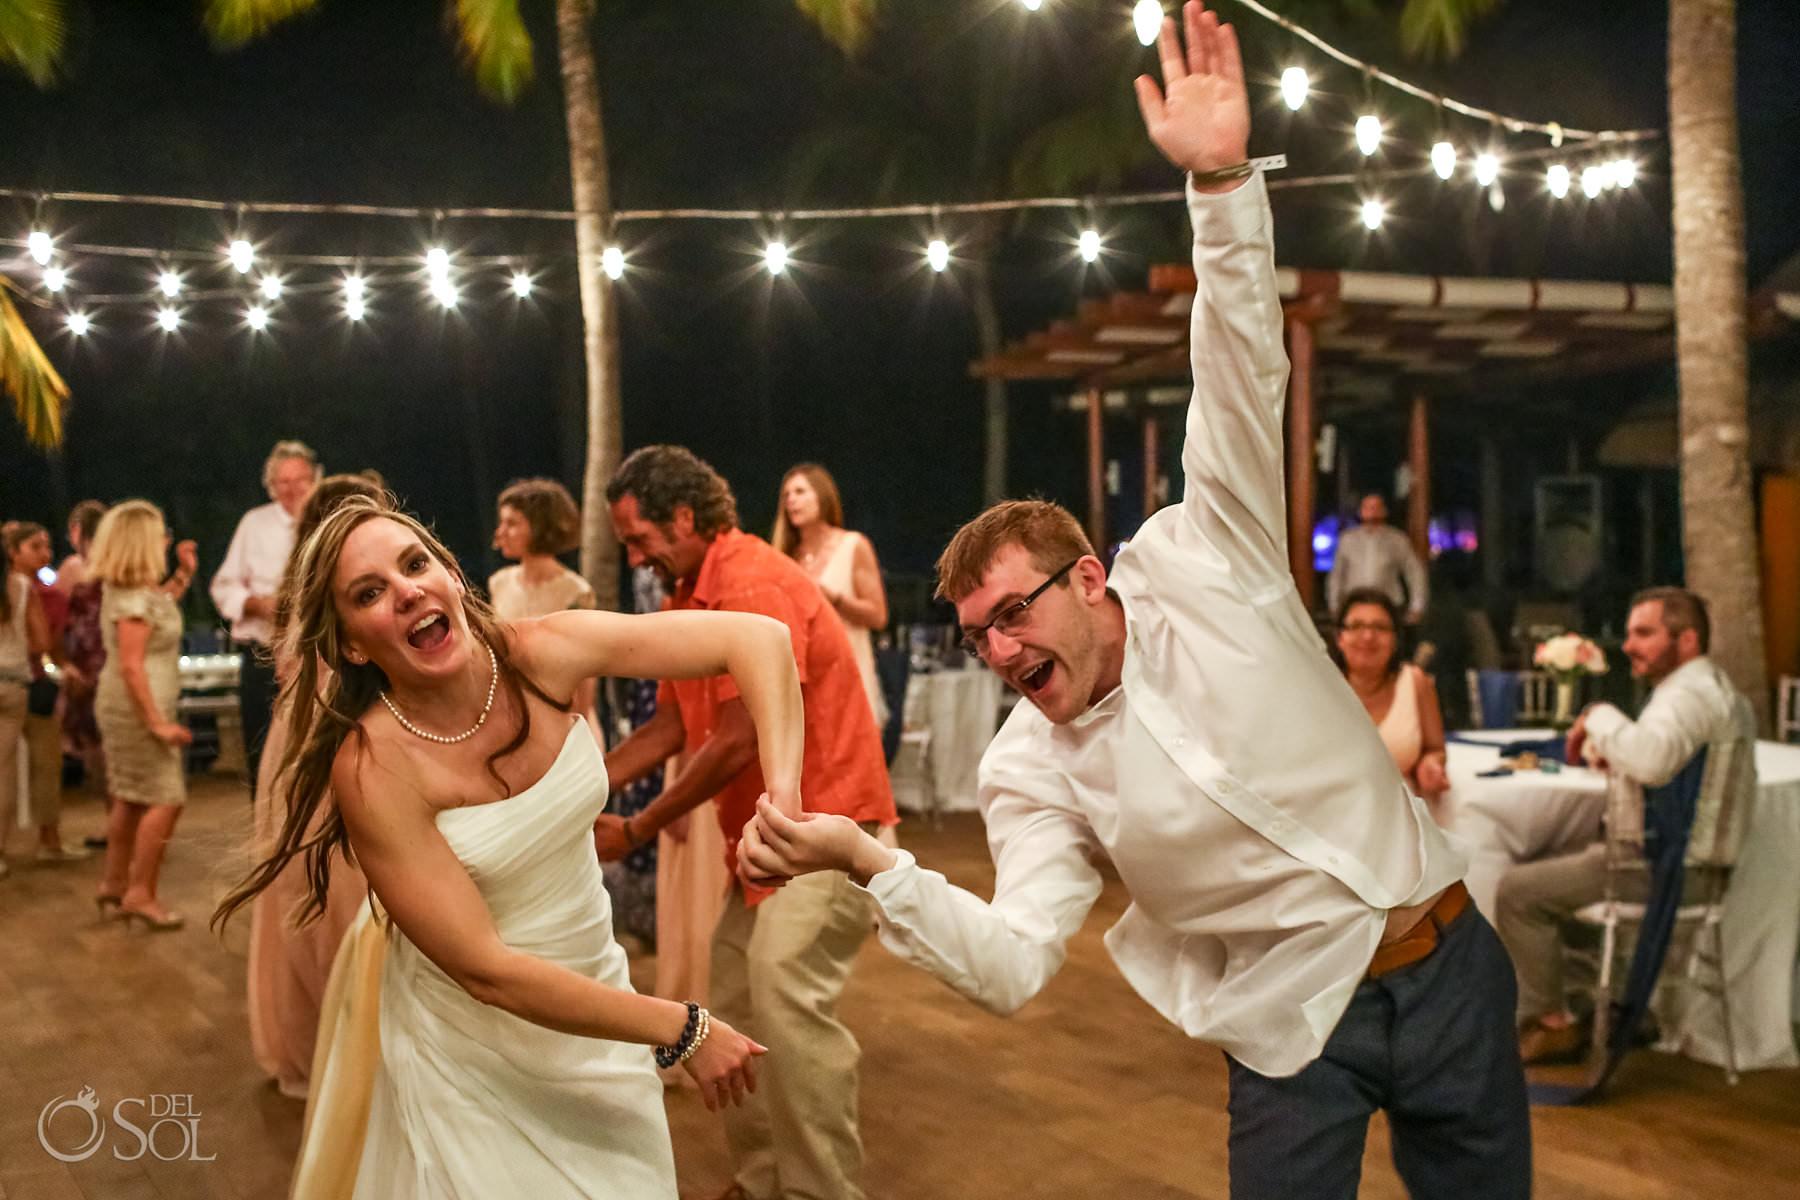 Wedding Captain Morgan Grill fun dance reception Riviera Maya Mexico